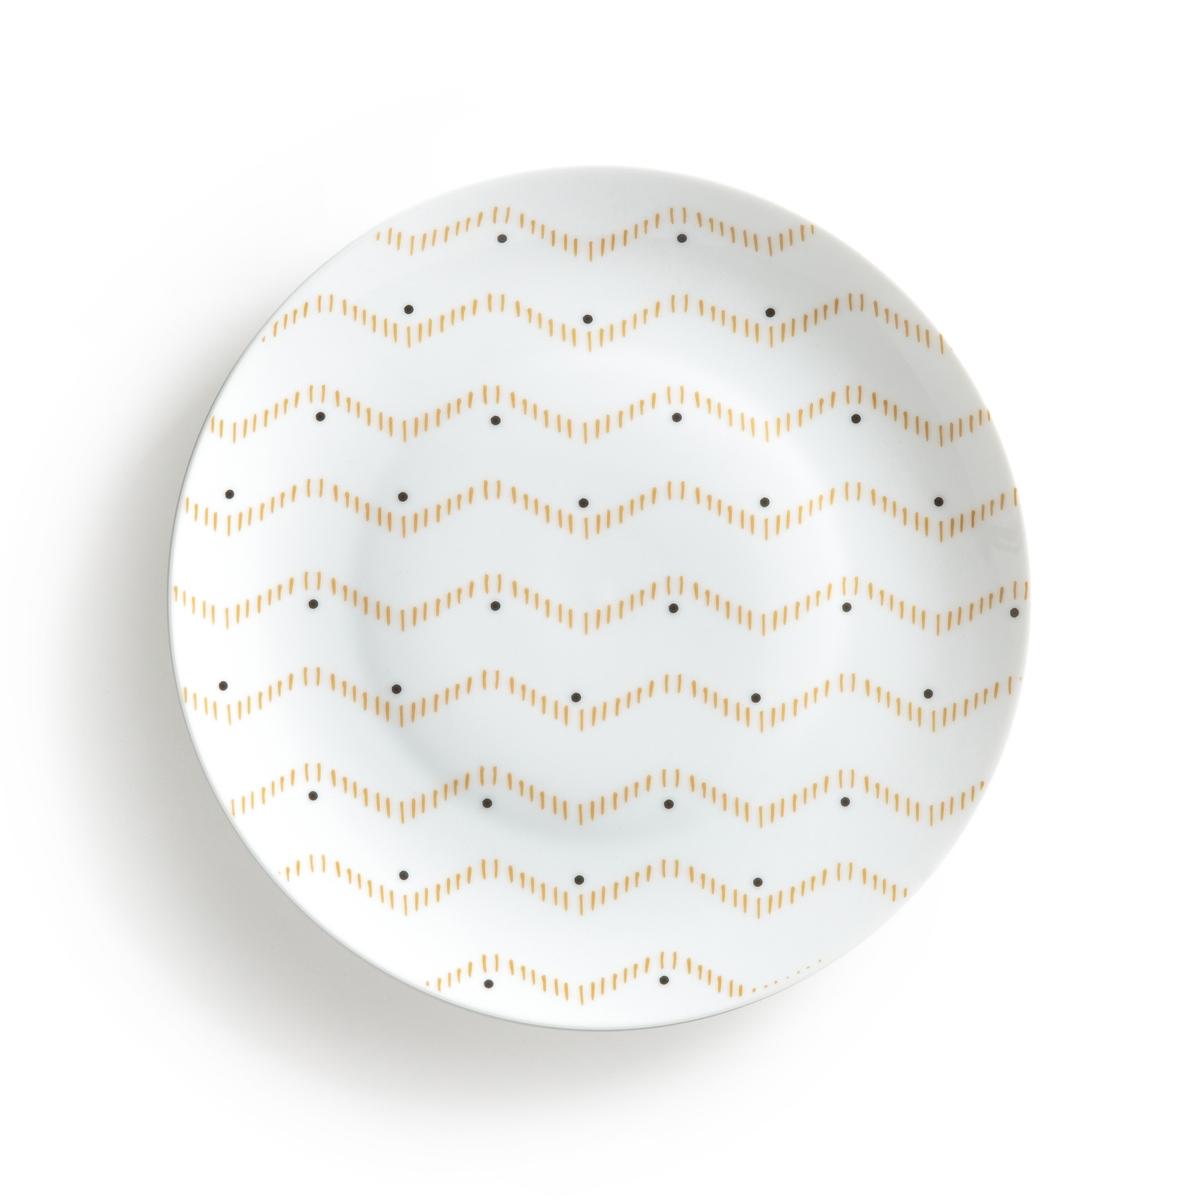 Комплект из плоских тарелок La Redoute AFROA единый размер другие комплект из 4 стаканов afroa la redoute la redoute единый размер другие